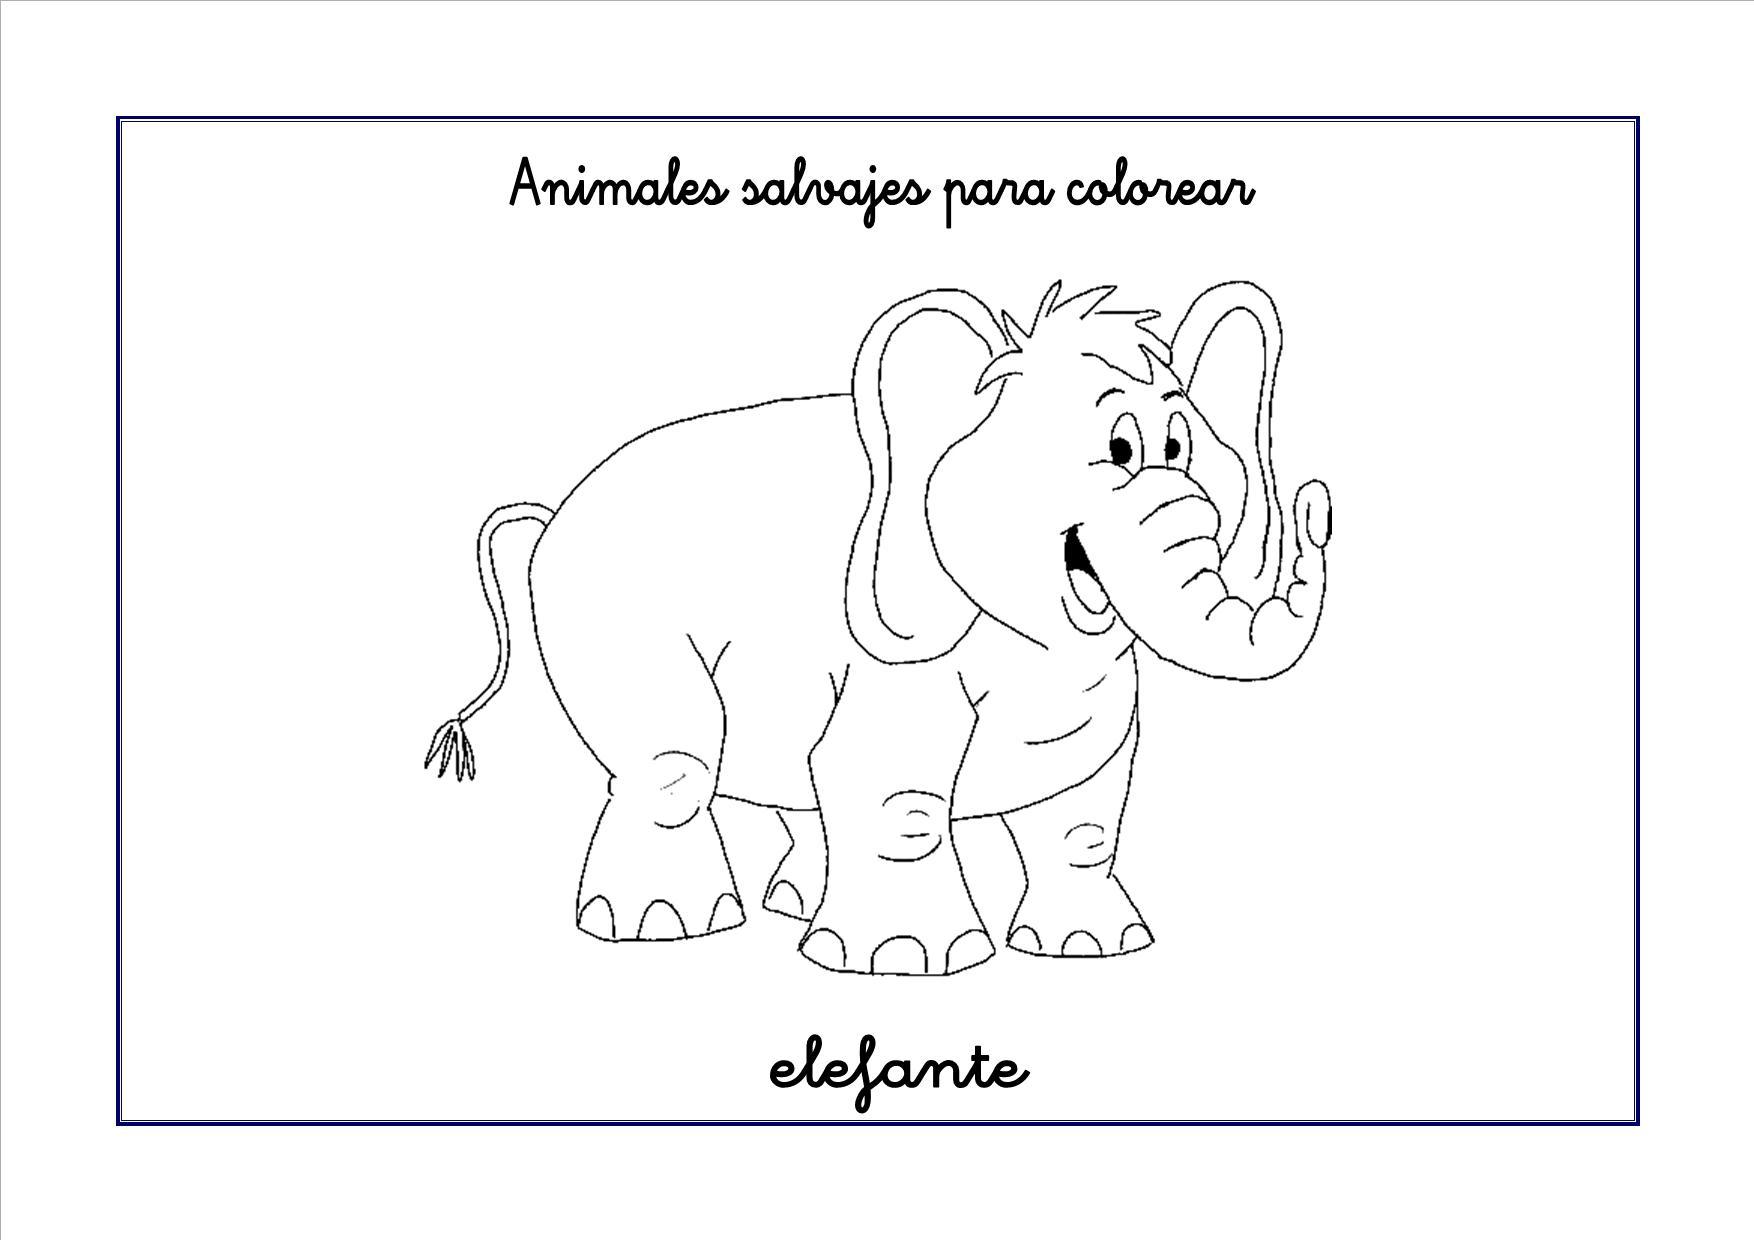 Dibujos de animales salvajes para colorear | Escuela en la nube